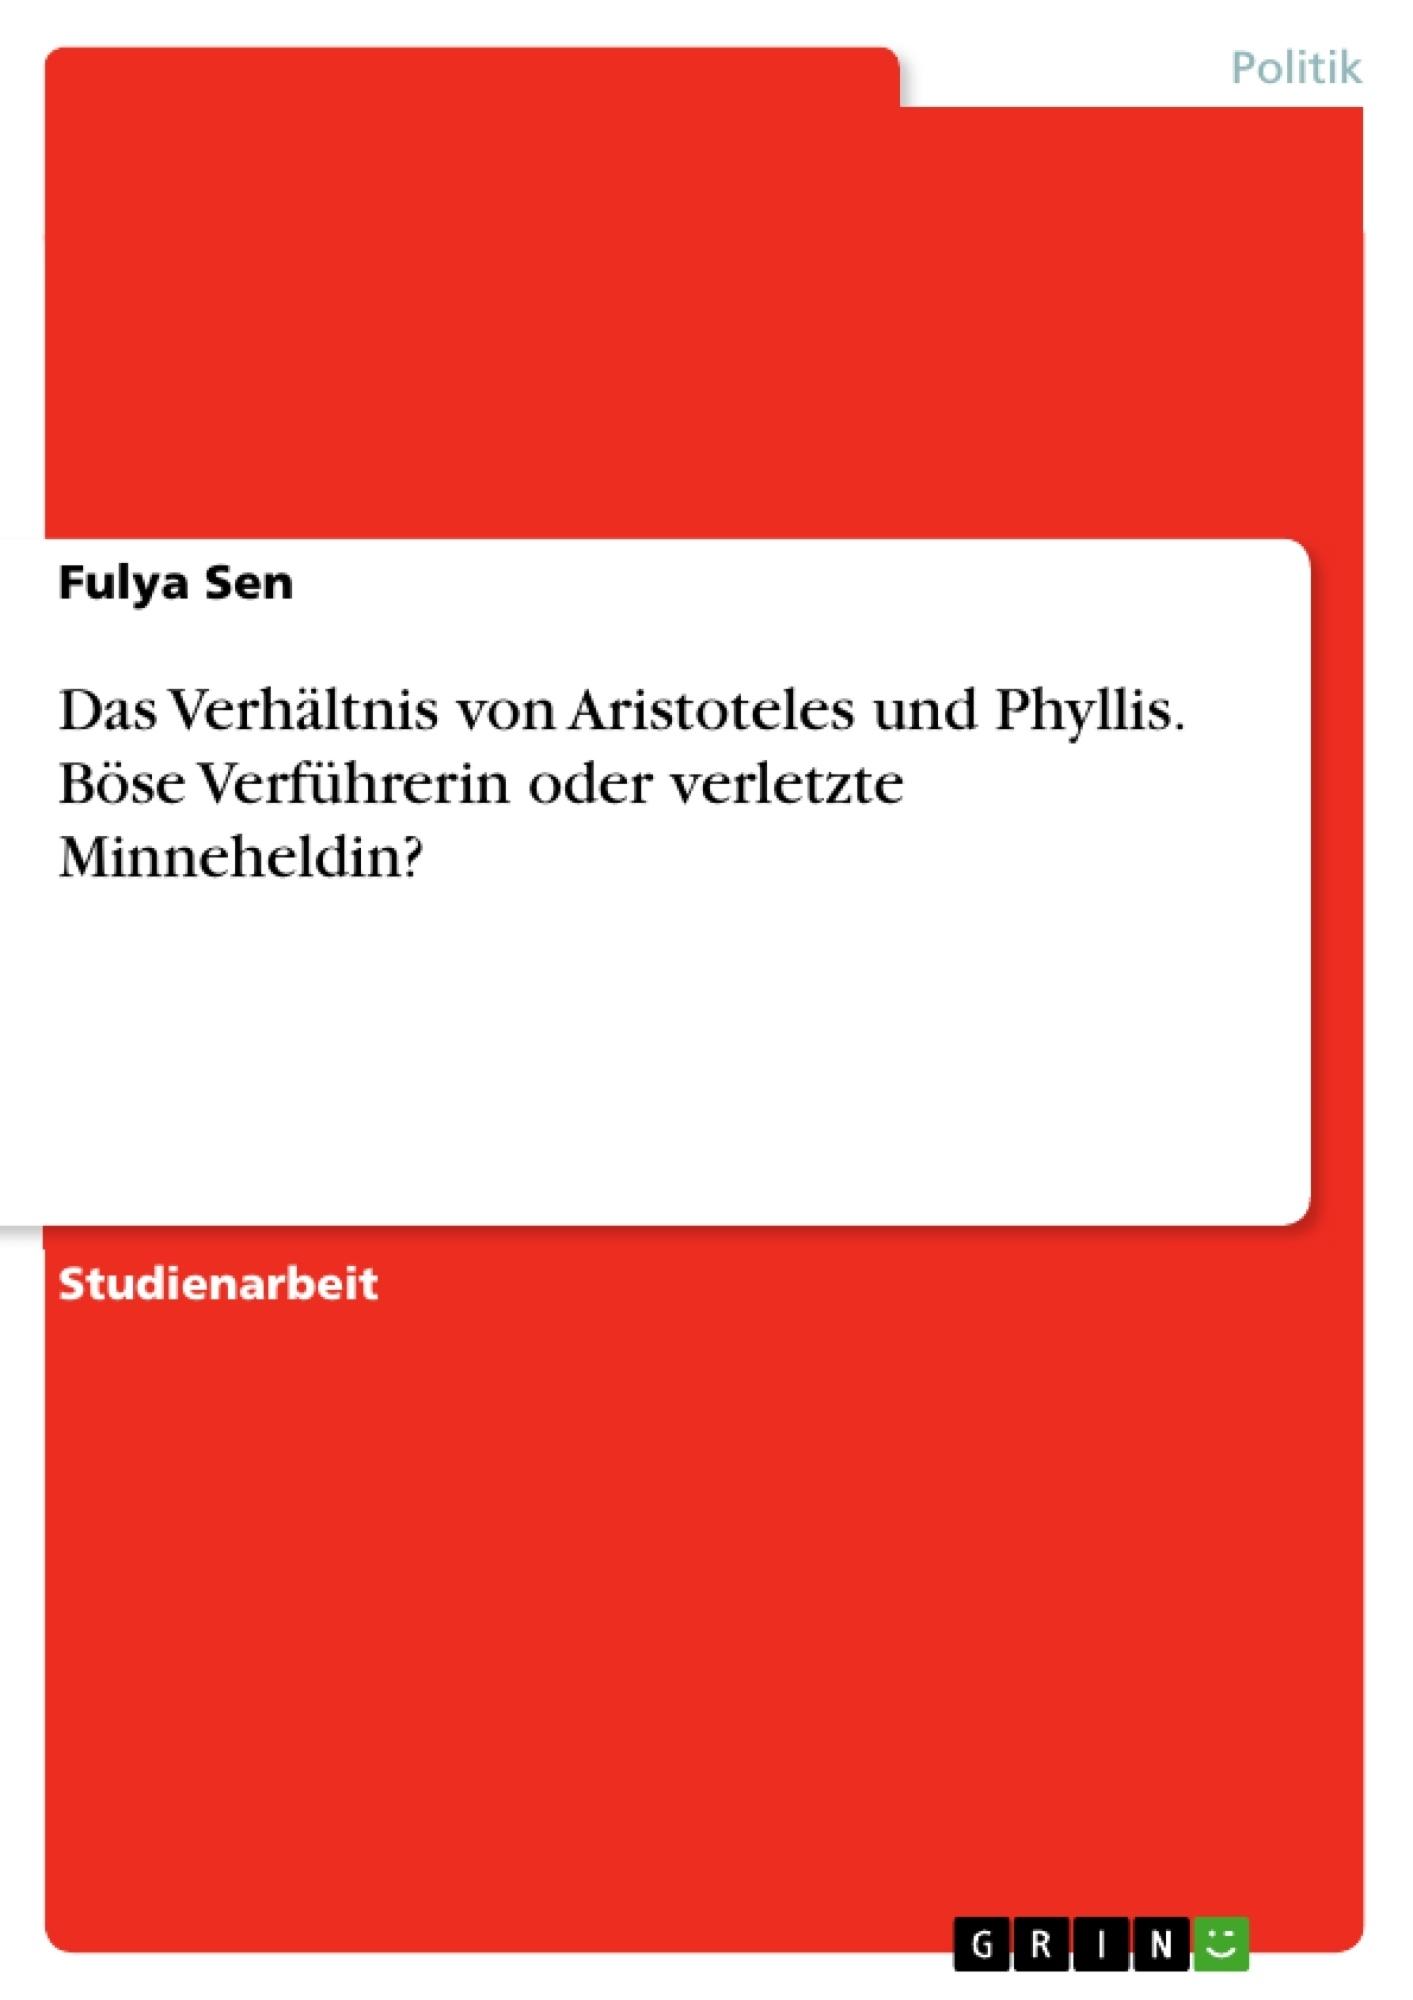 Titel: Das Verhältnis von Aristoteles und Phyllis. Böse Verführerin oder verletzte Minneheldin?